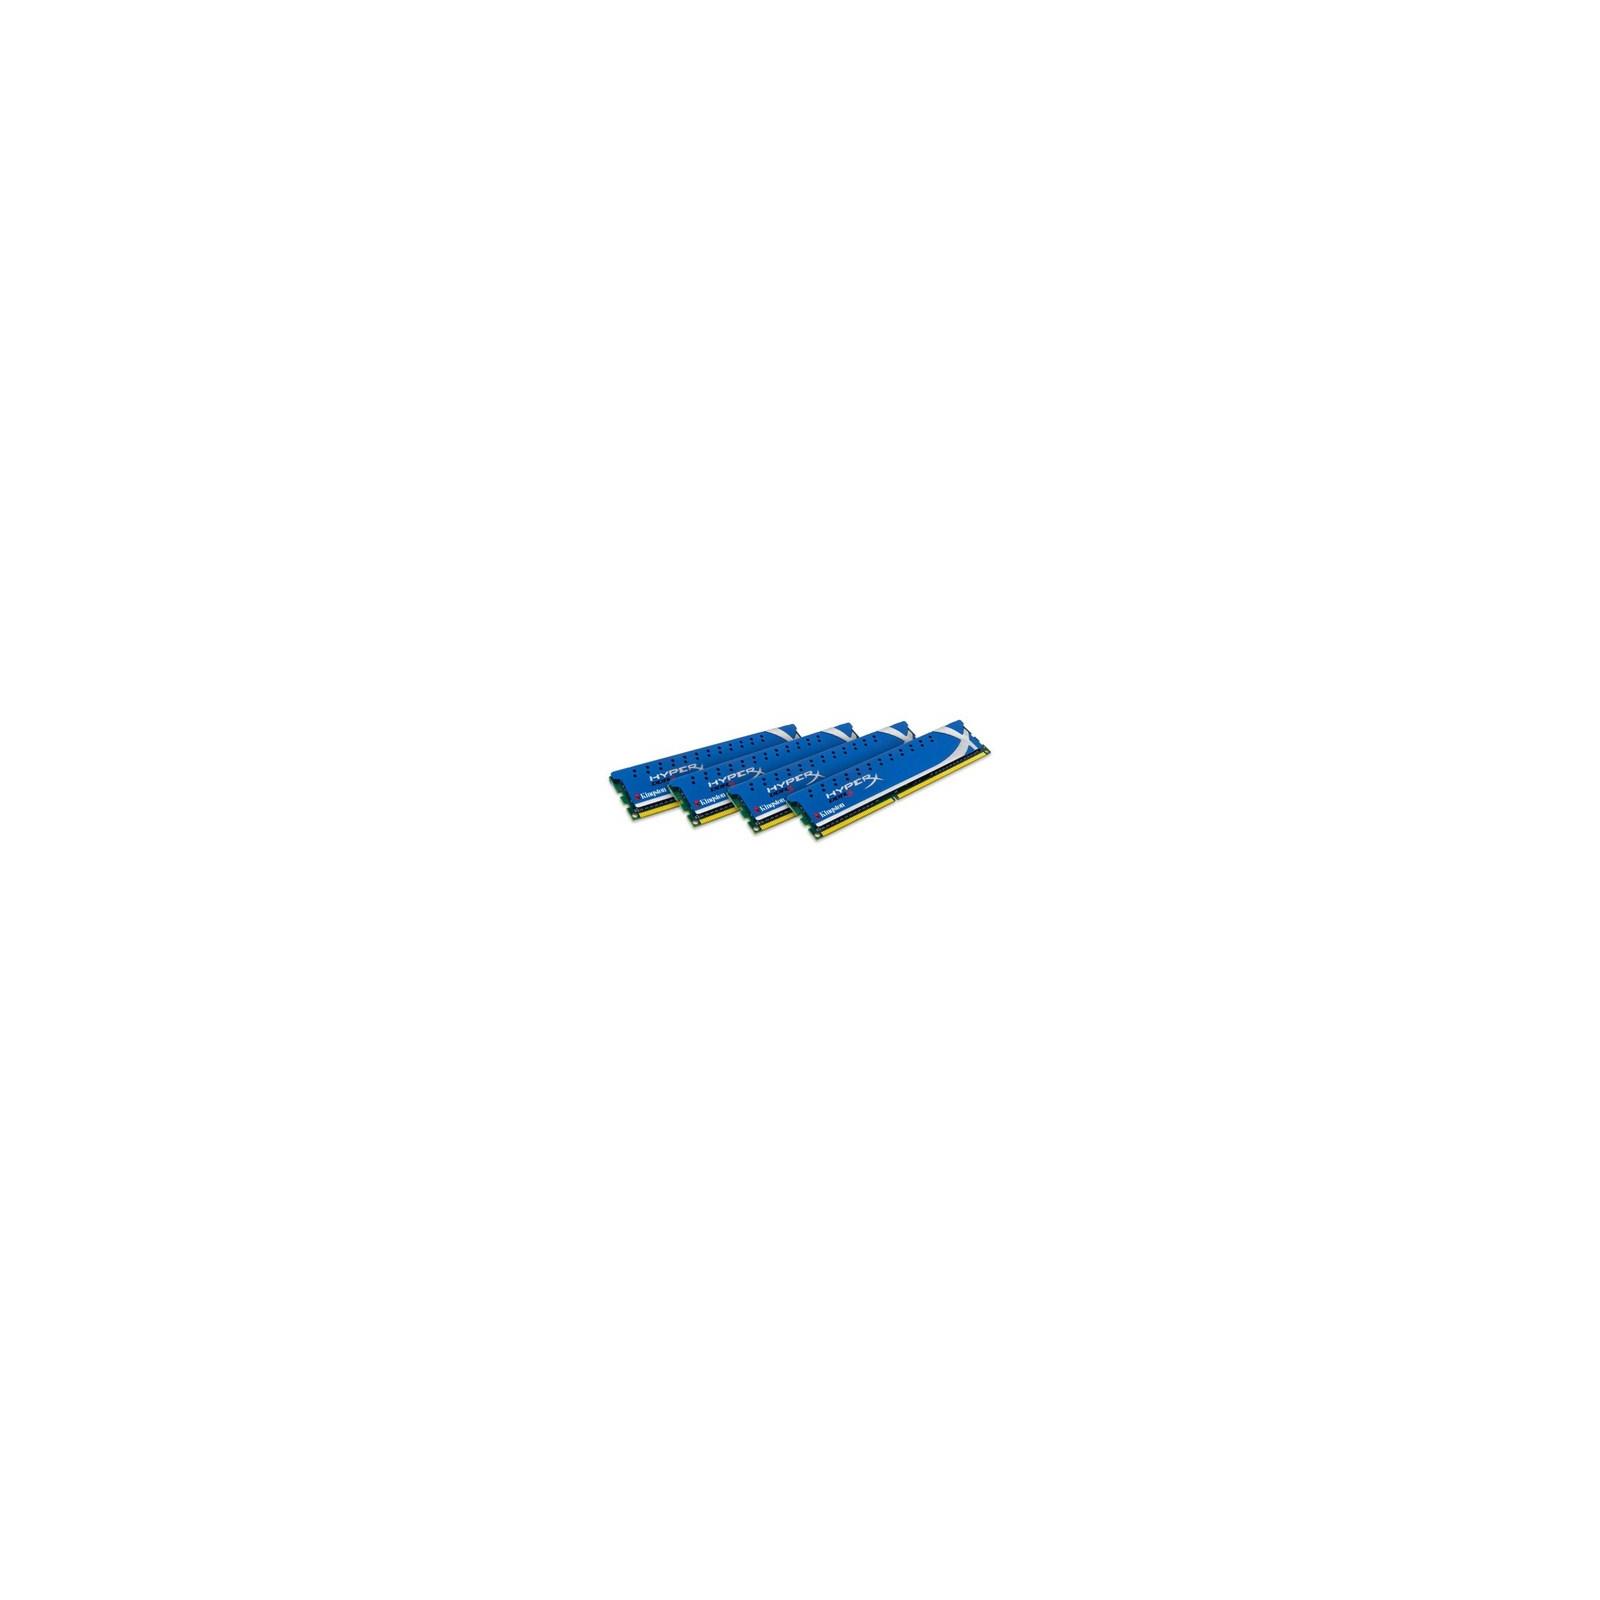 Модуль памяти для компьютера DDR3 16GB (4x4GB) 1866 MHz Kingston (KHX1866C9D3K4/16GX)